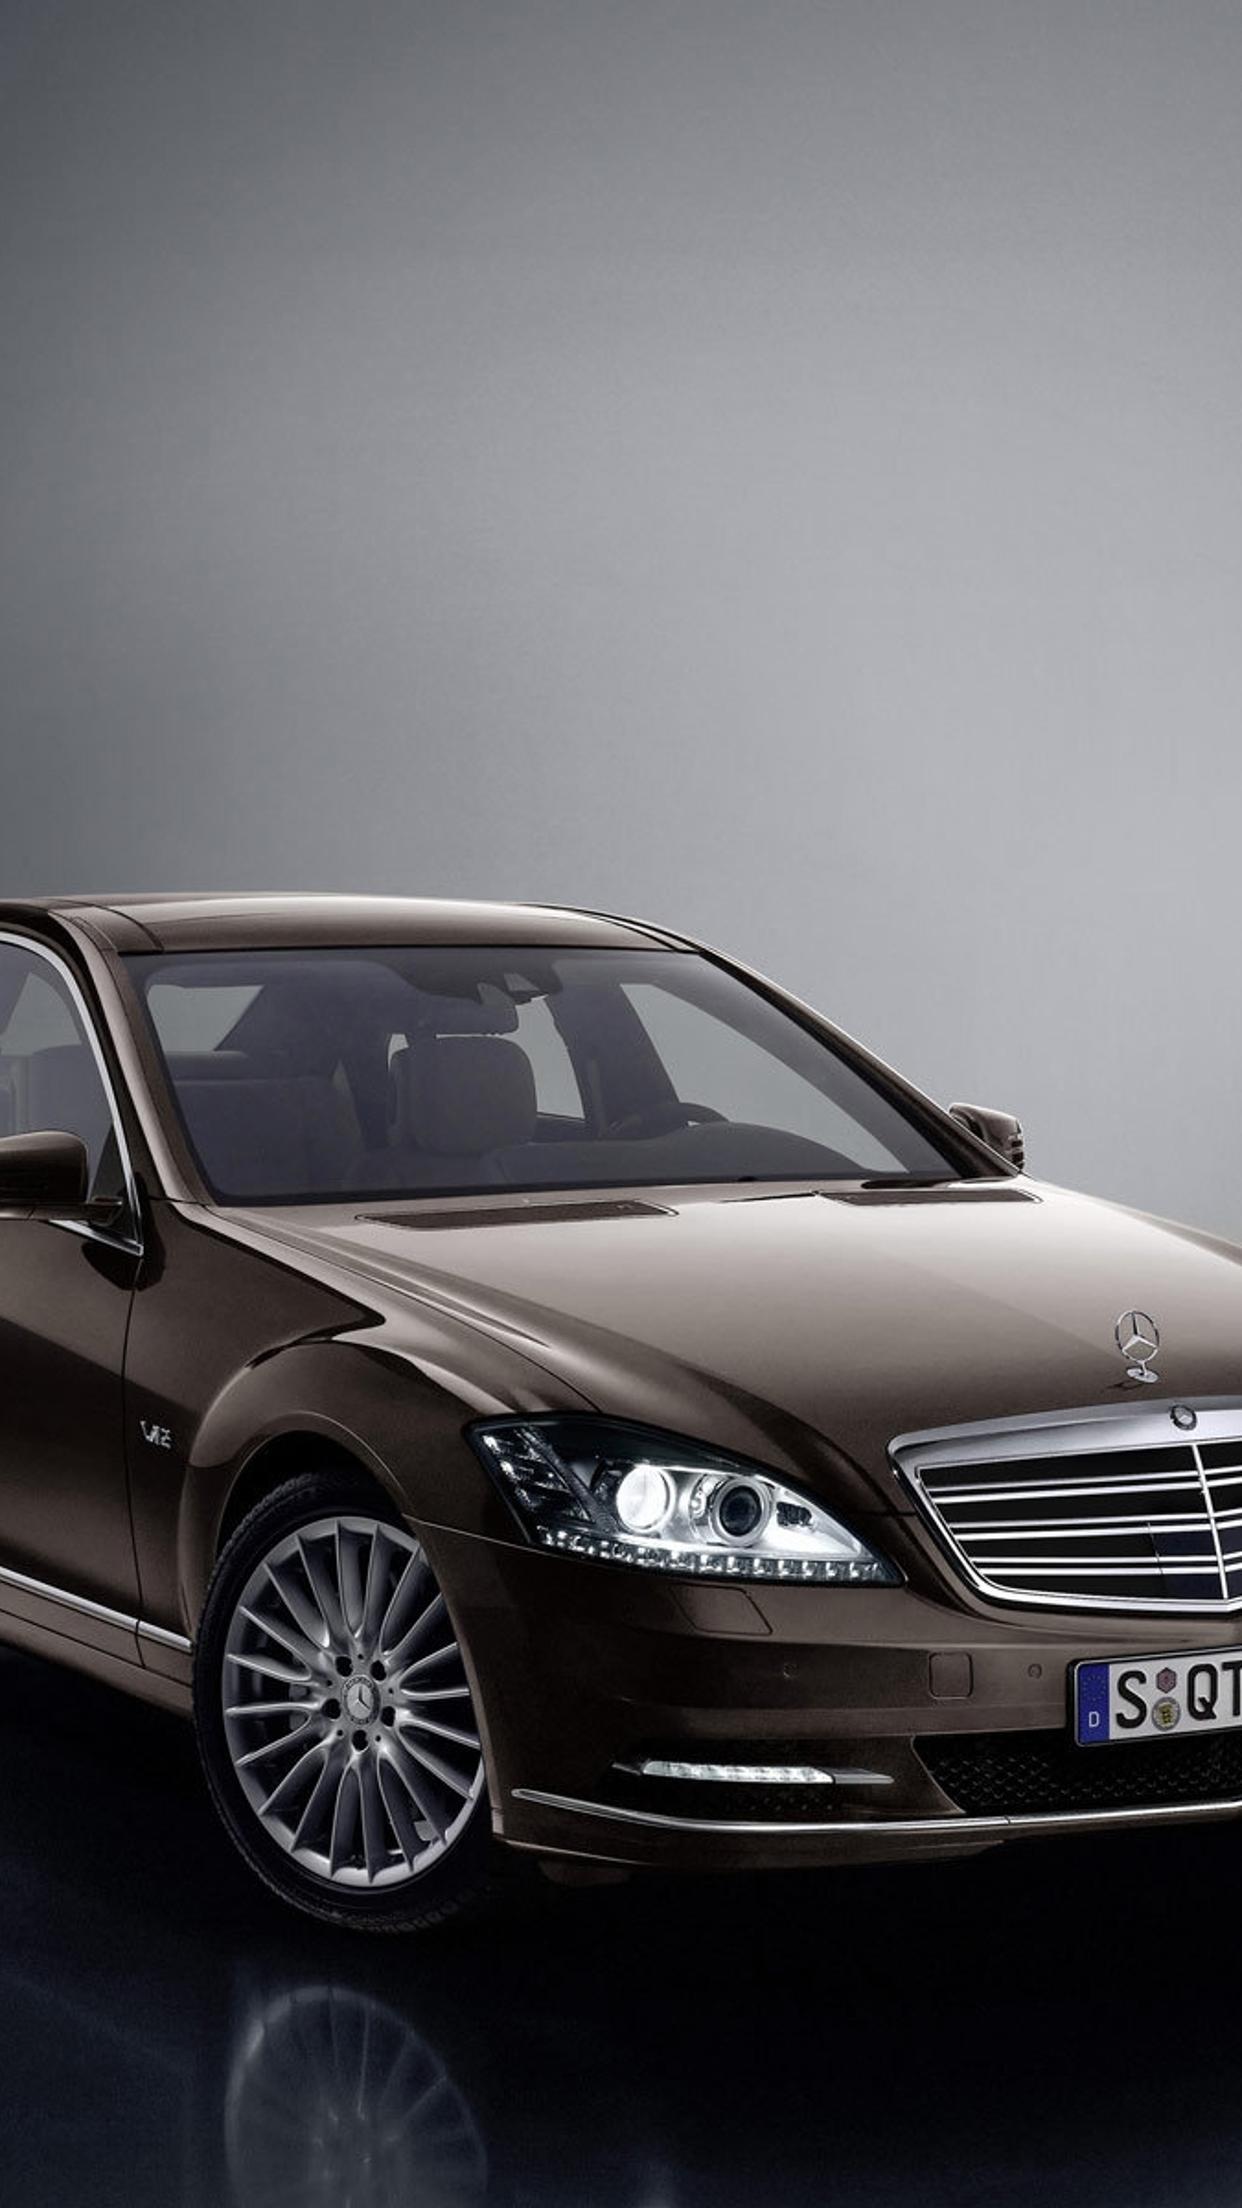 Mercedes Benz S V on mercedes-benz v12 models, mercedes sl600 v12, mercedes-benz 2004s 600 v12, mercedes-benz cls 63 amg v12, mercedes sl v12, mercedes cl 600 v12, mercedes-benz cls 600 v12, mercedes-benz s coupe, 1996 mercedes 600 v12, mercedes-benz s 600 pullman interior, mercedes-benz s guard,